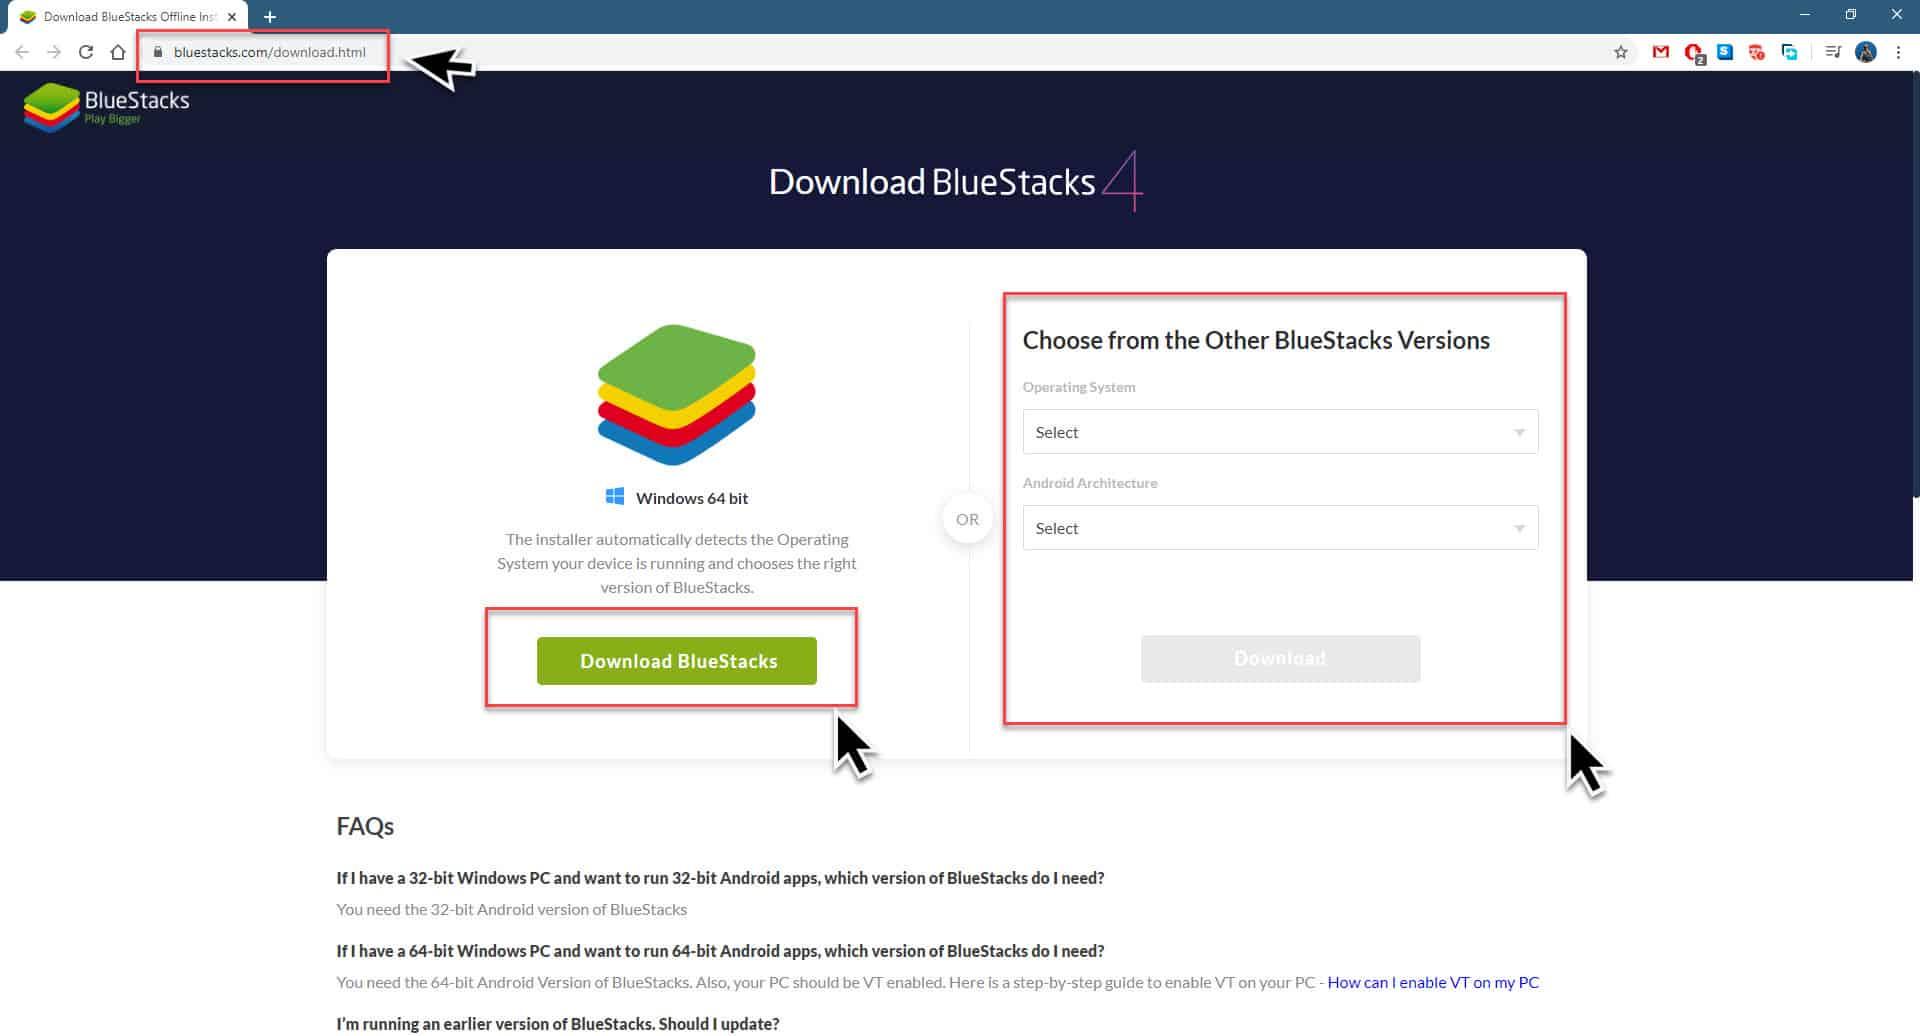 Installing Bluestacks 4